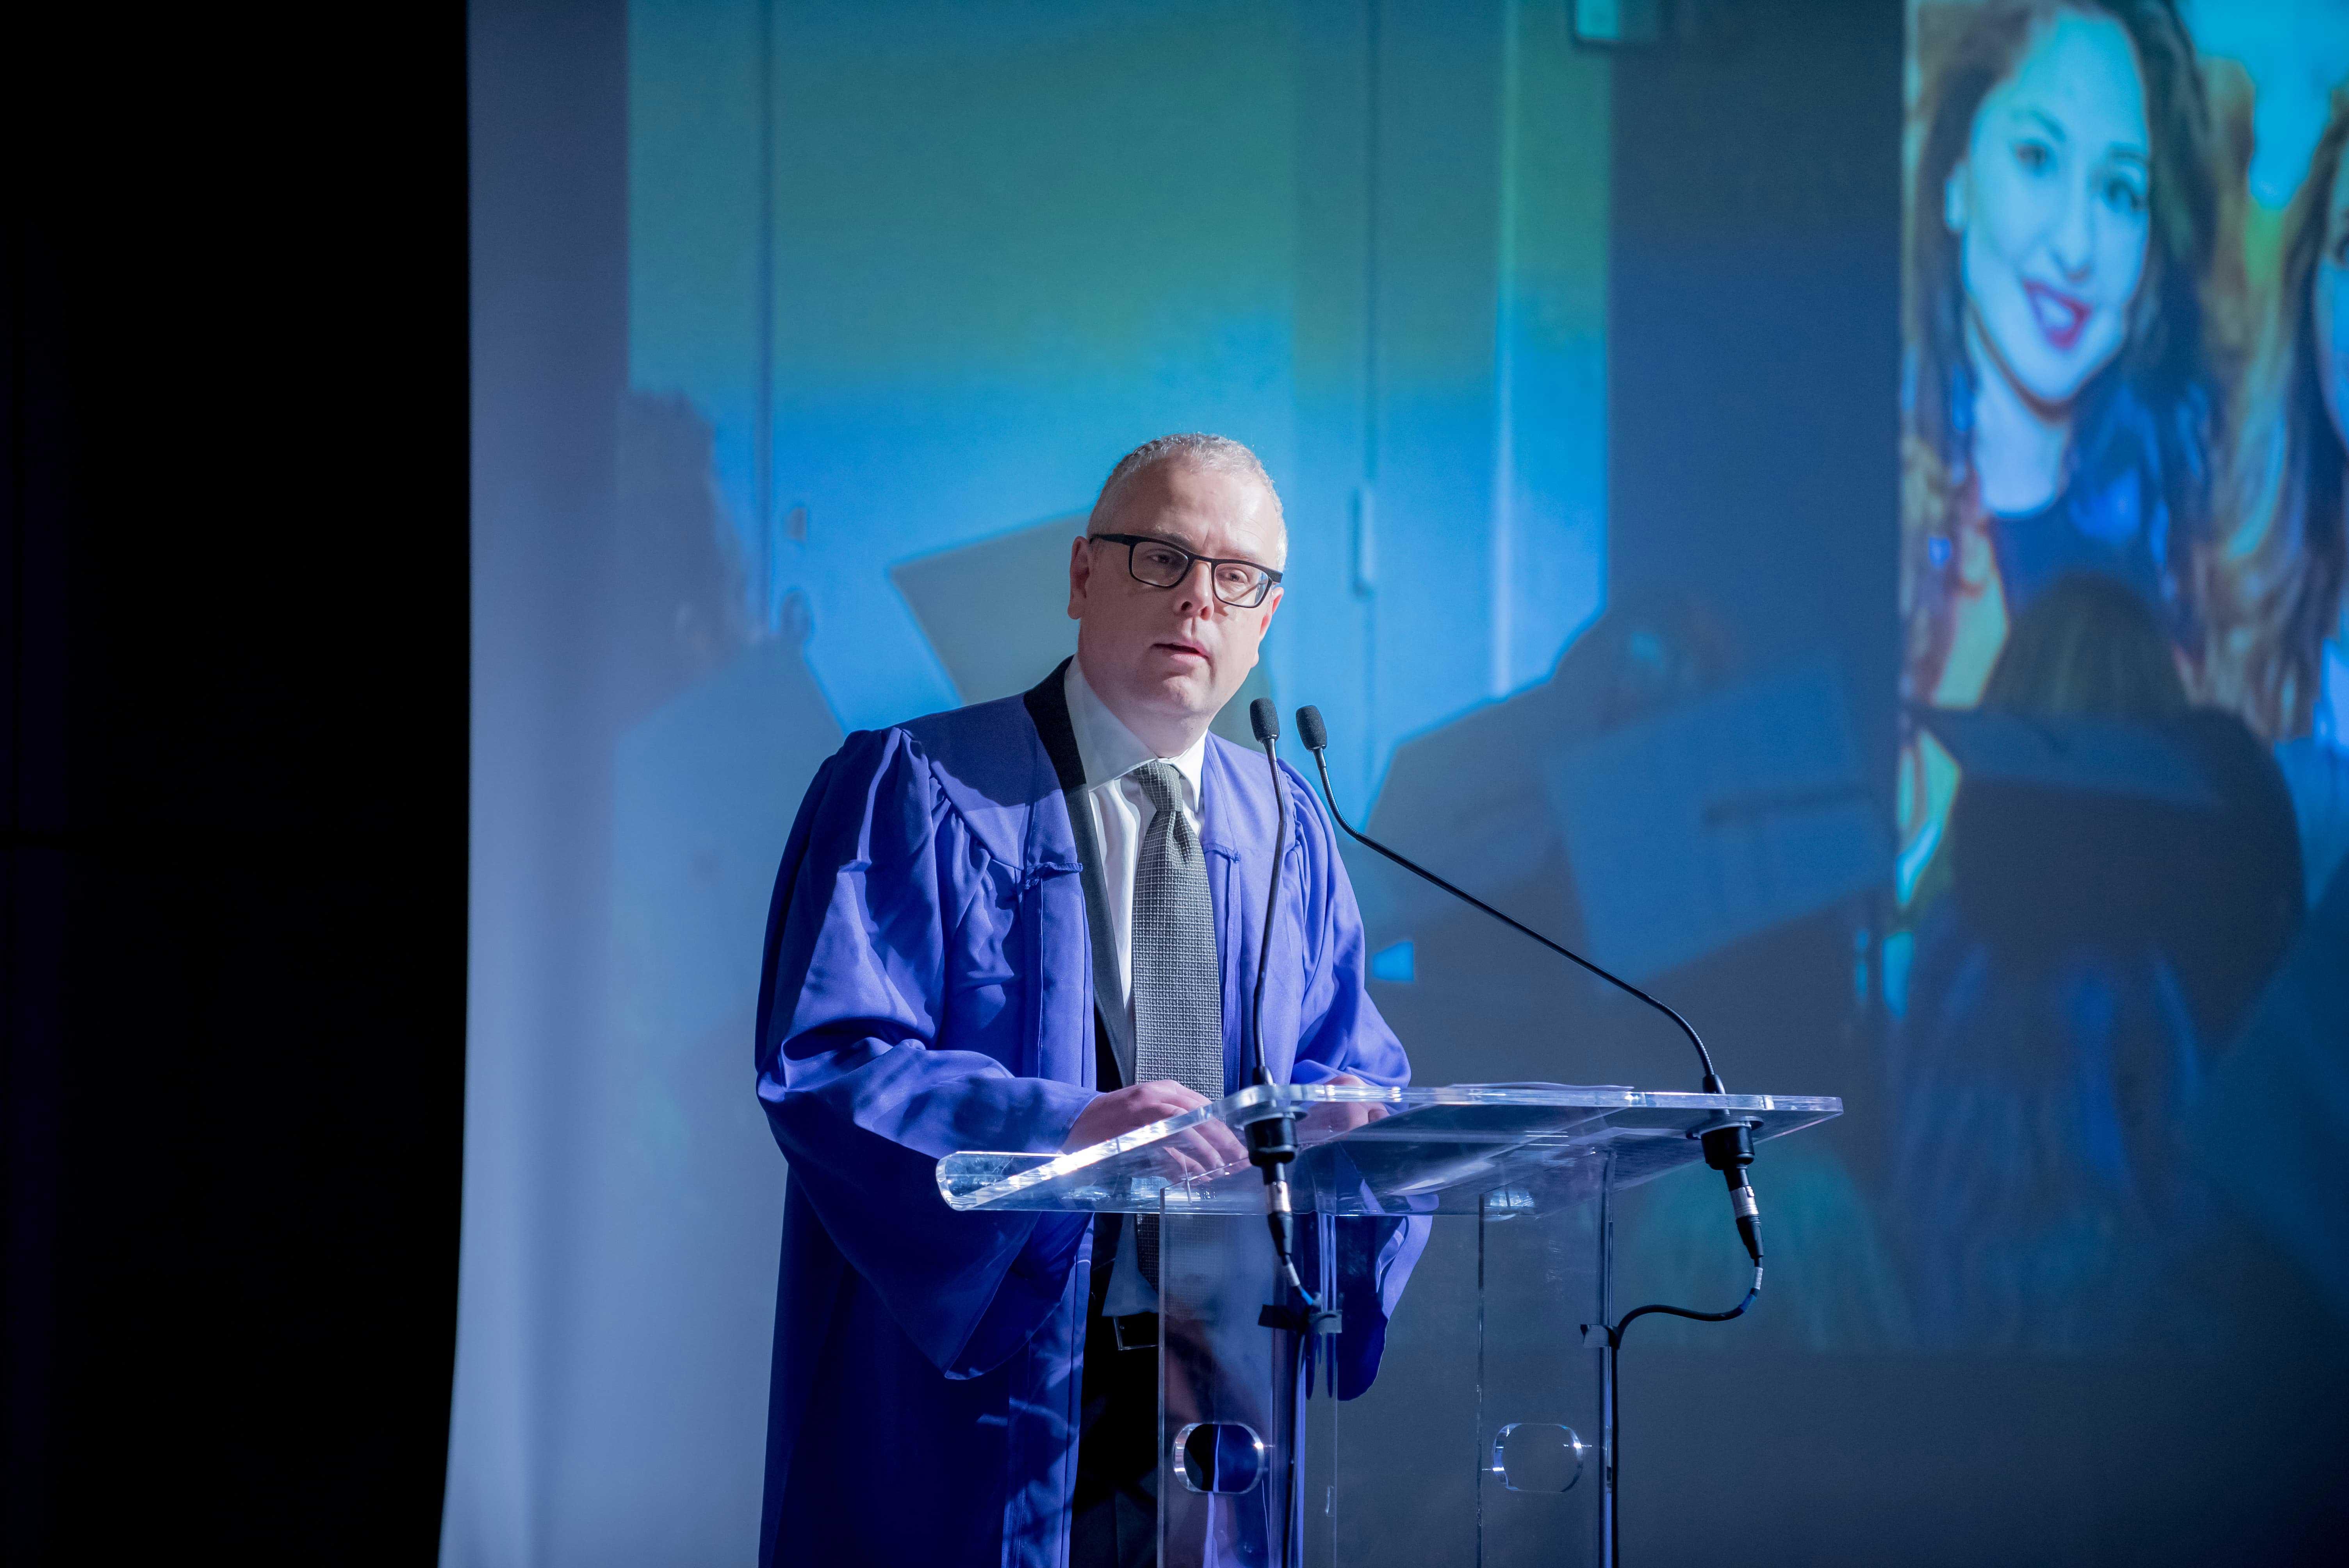 Dr. Alain Kruger